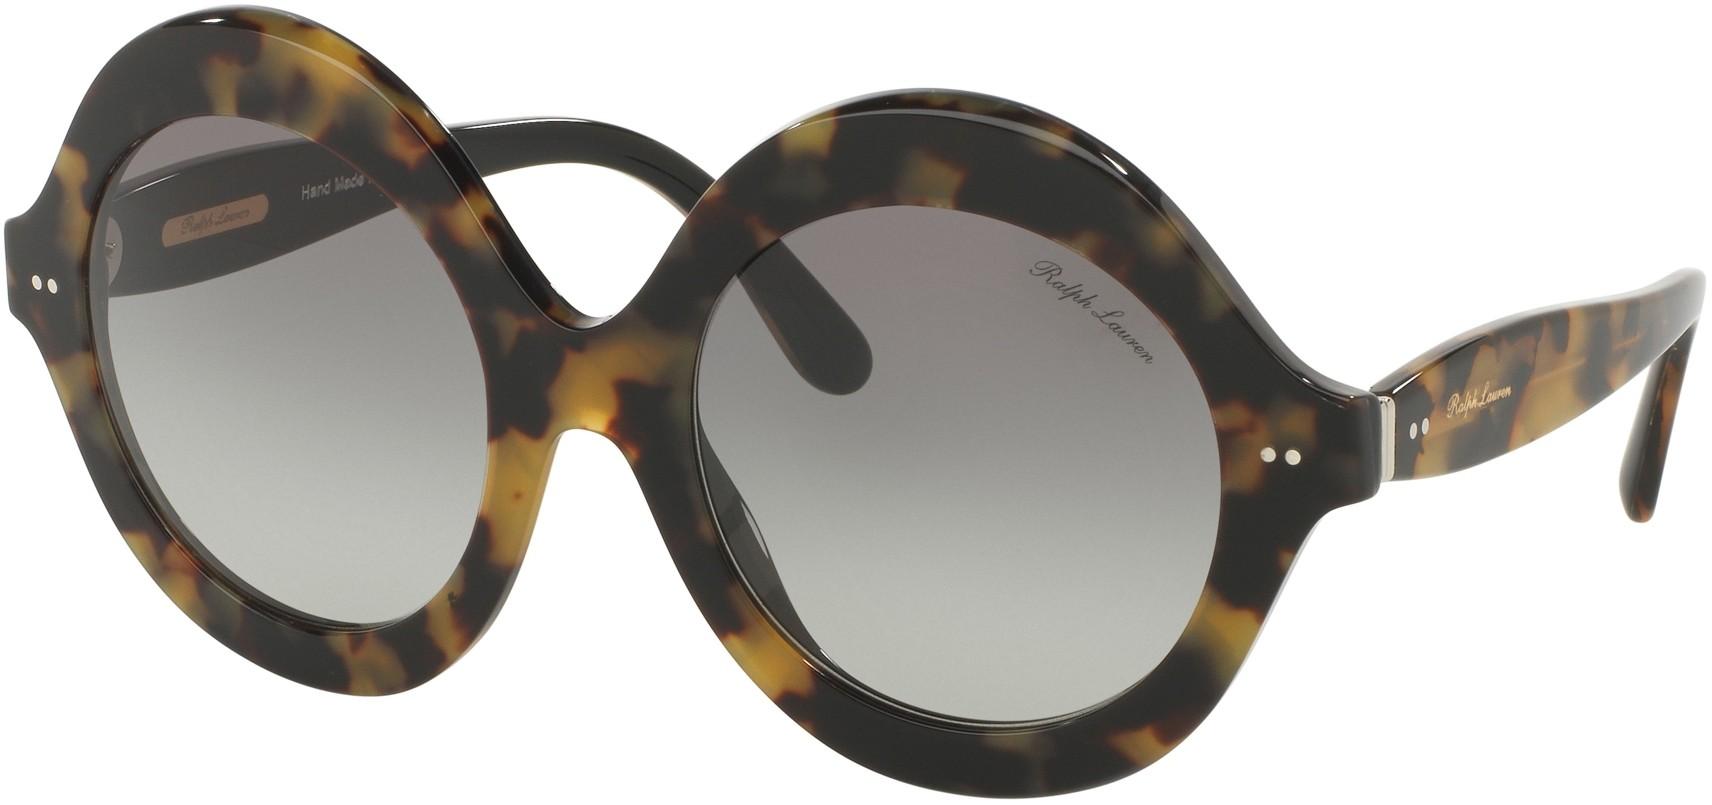 dbfa34bbc8ec34 Ralph Lauren zonnebrillen online kopen